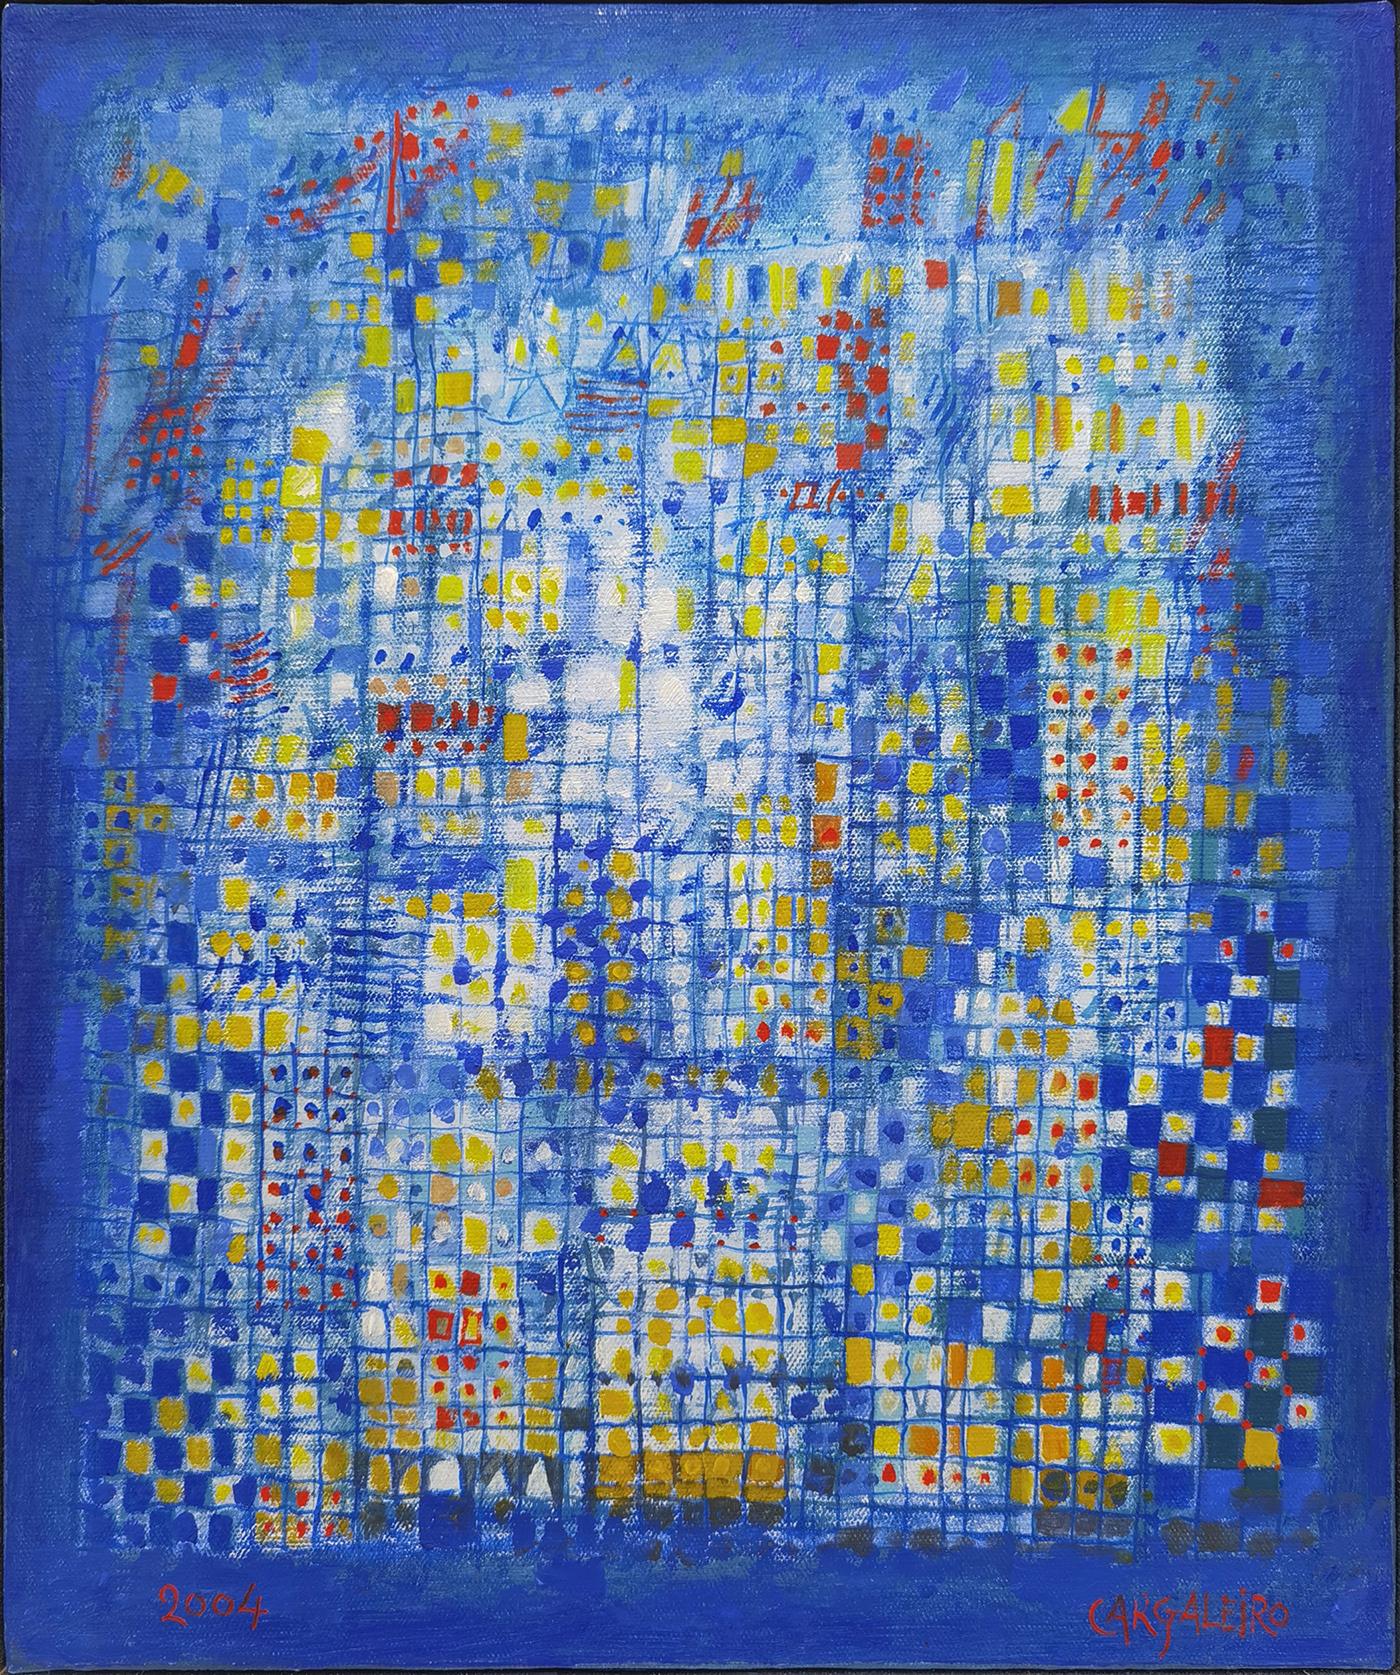 Un jour de brume – Cascais, óleo sobre tela, 46 x 38 cm, 2004